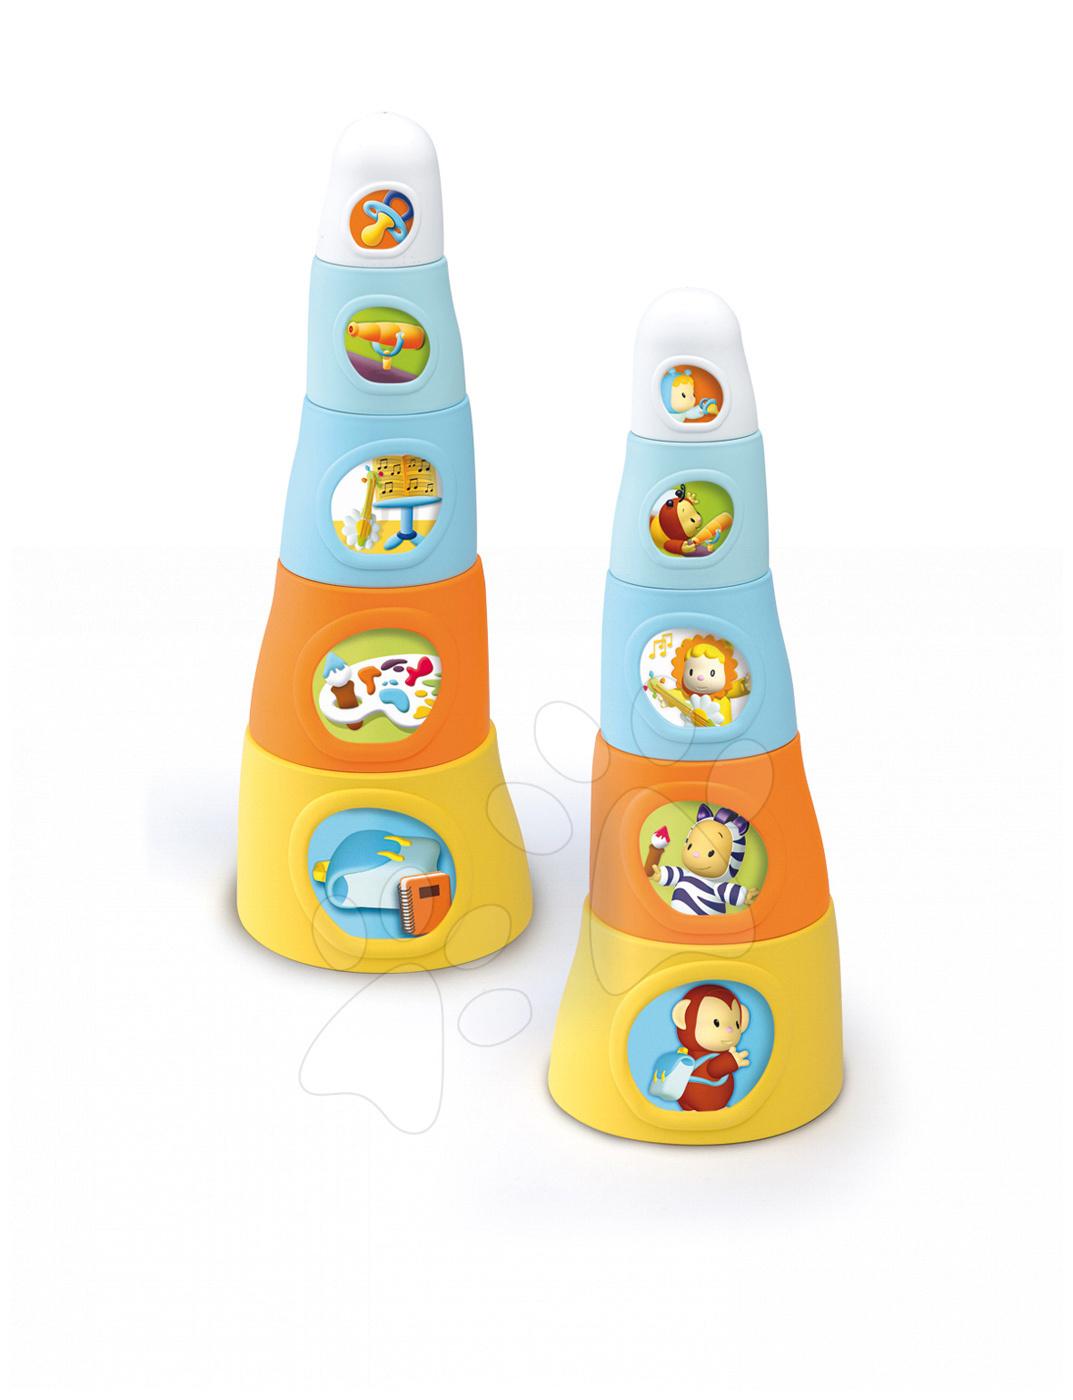 Motorikafejlesztő játékok - Csészerakosgató Cotoons Happy Tower Smoby 5 darab narancssárga-kék 12 hó-tól